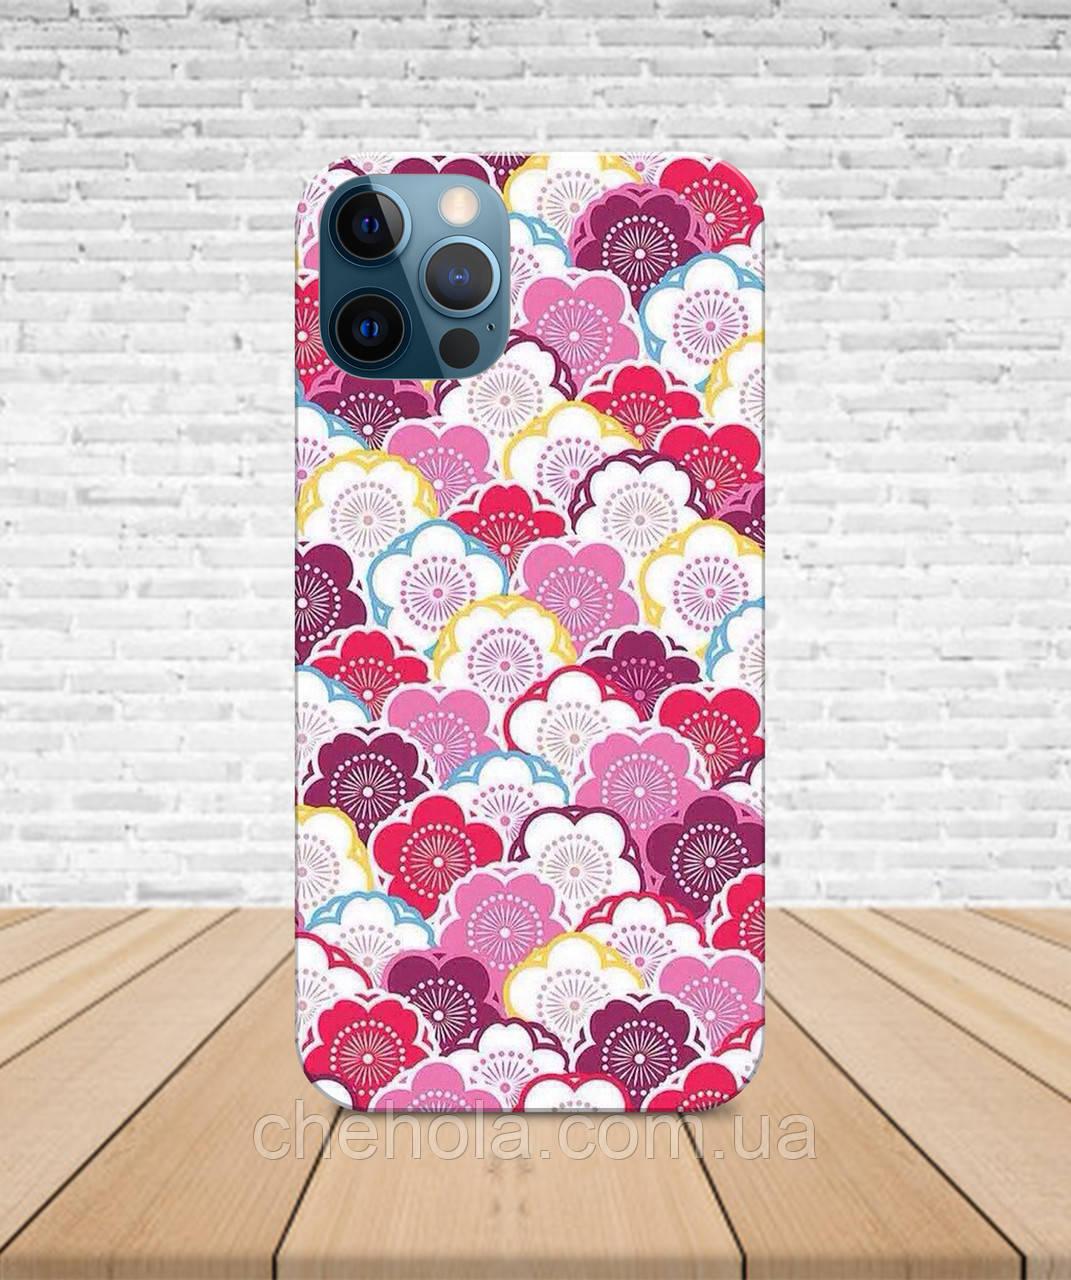 Матовый Чехол iPhone 12 Pro Max Mini Цветы весенний с принтом